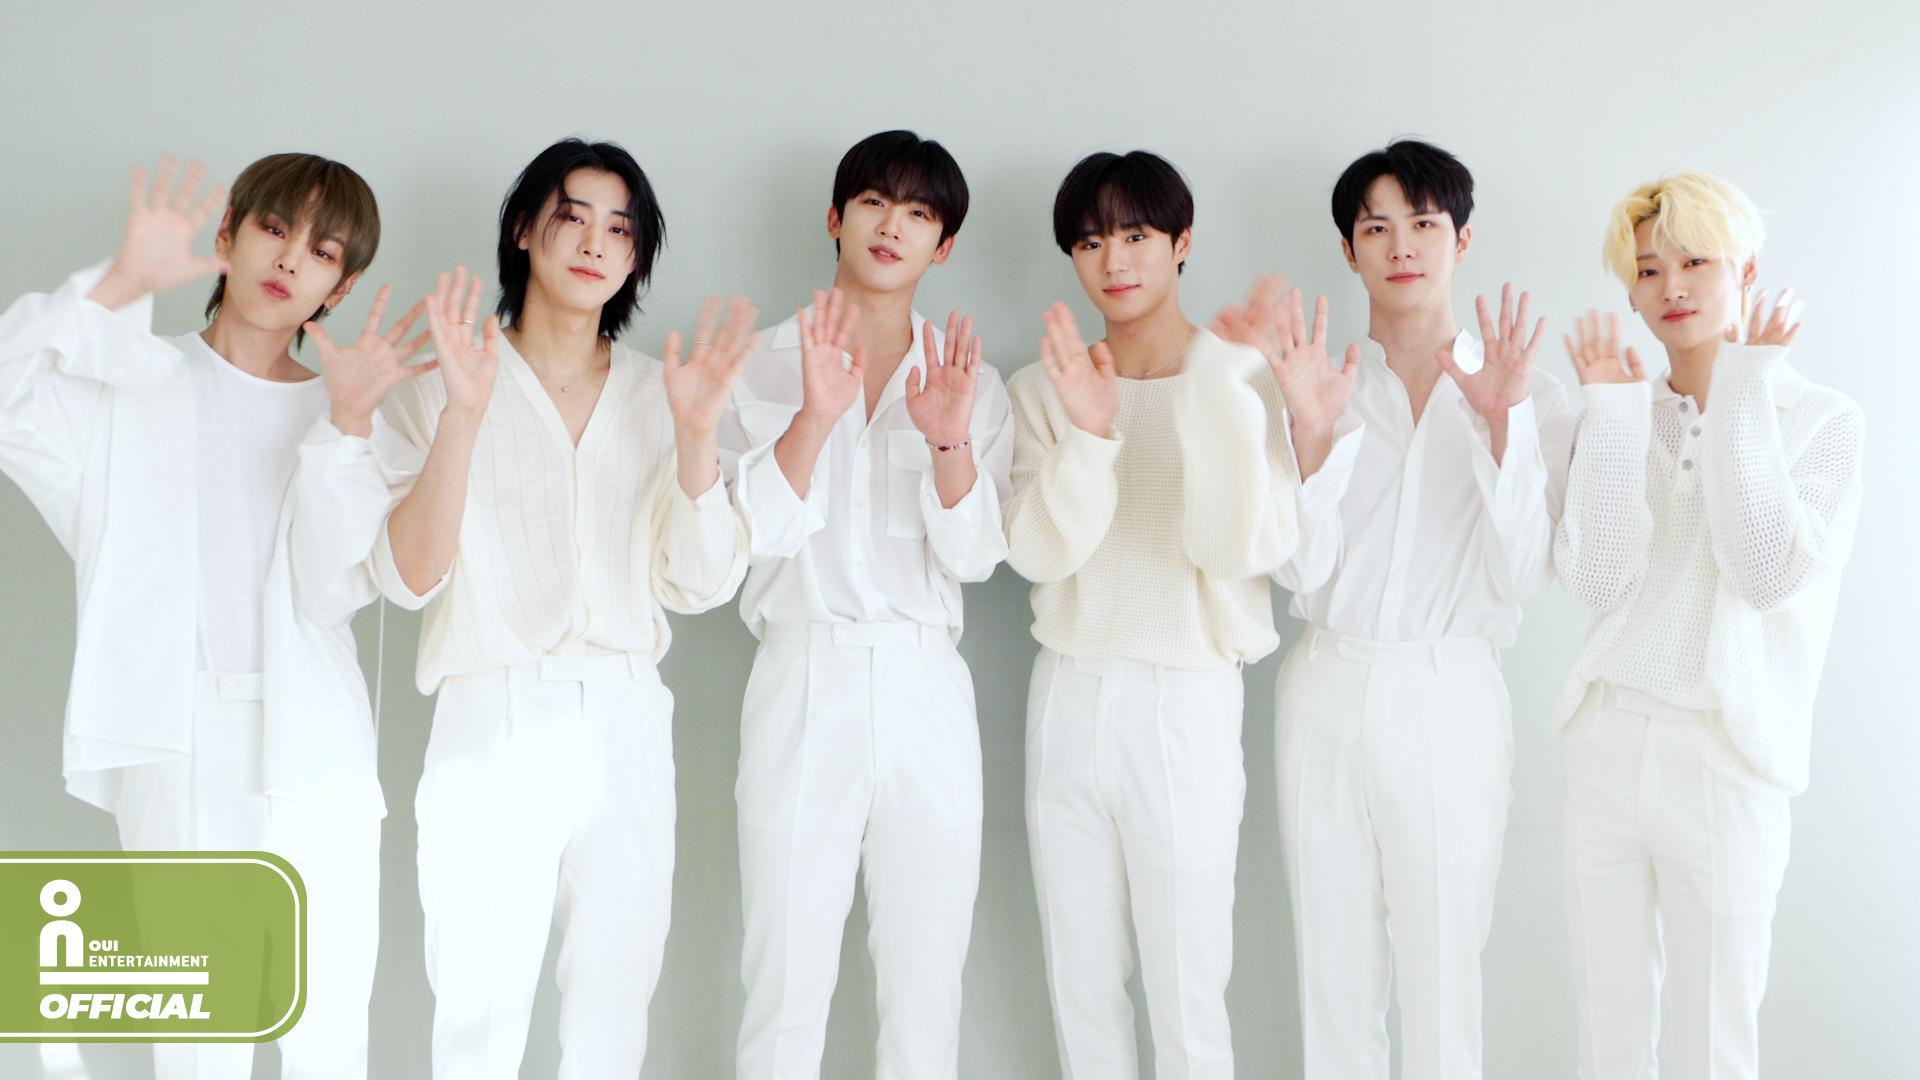 위아이(WEi) 1ST ANNIVERSARY l 데뷔 1주년 감사 영상